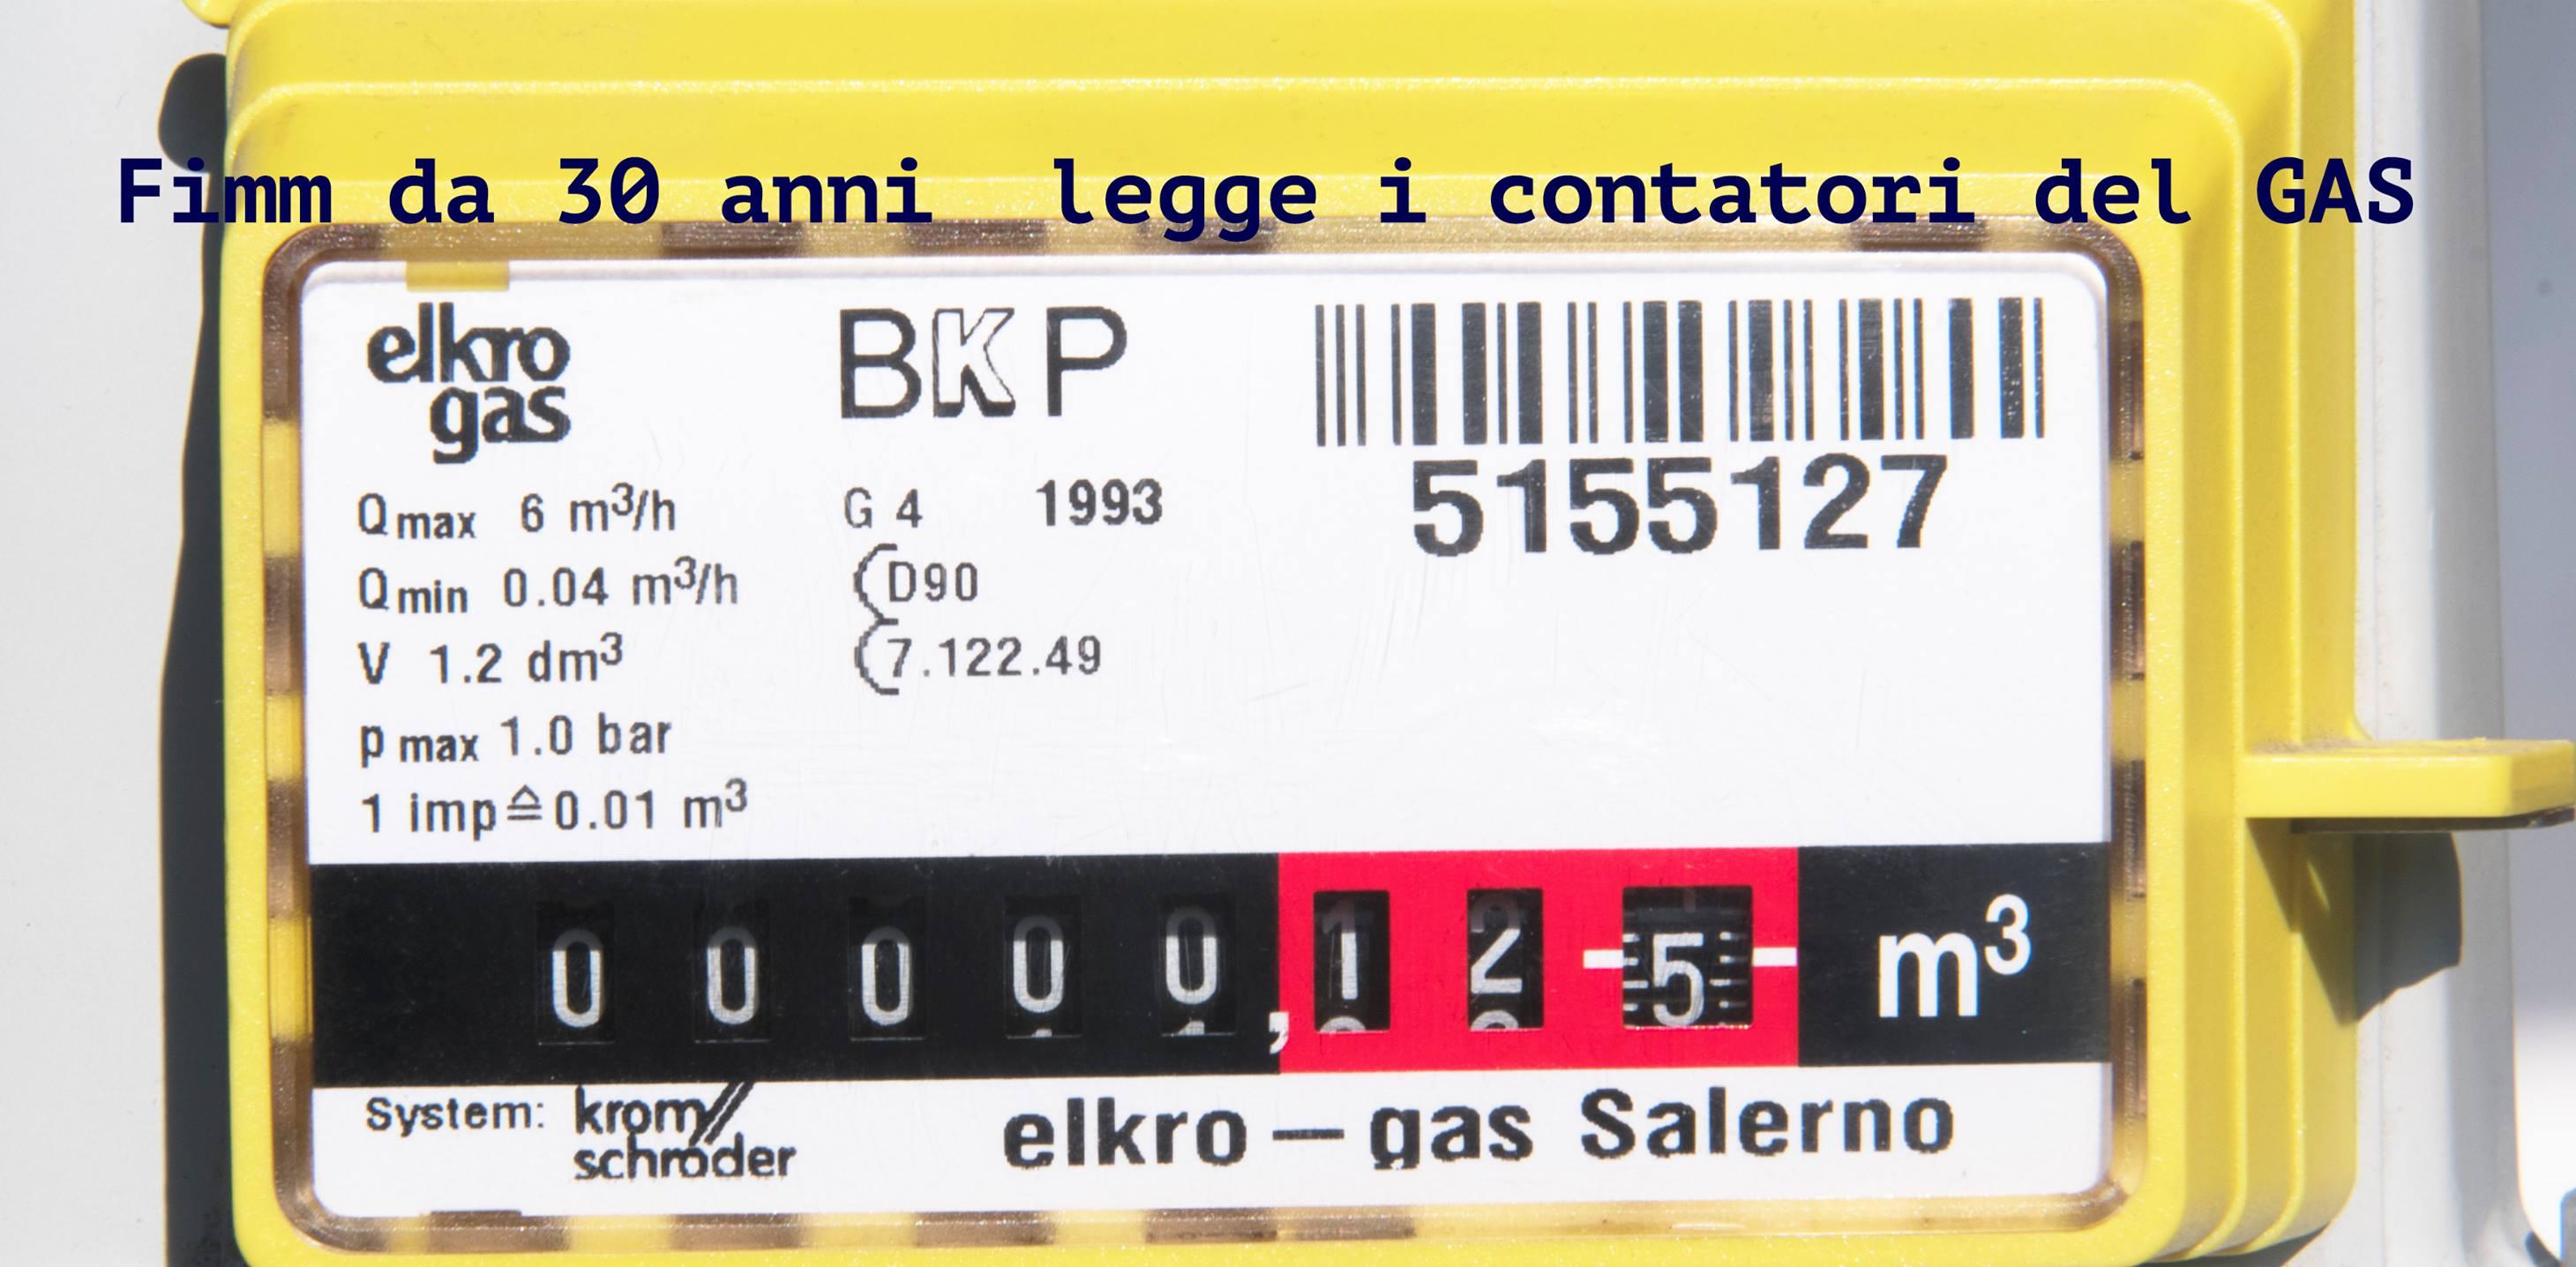 lettura contatori del gas